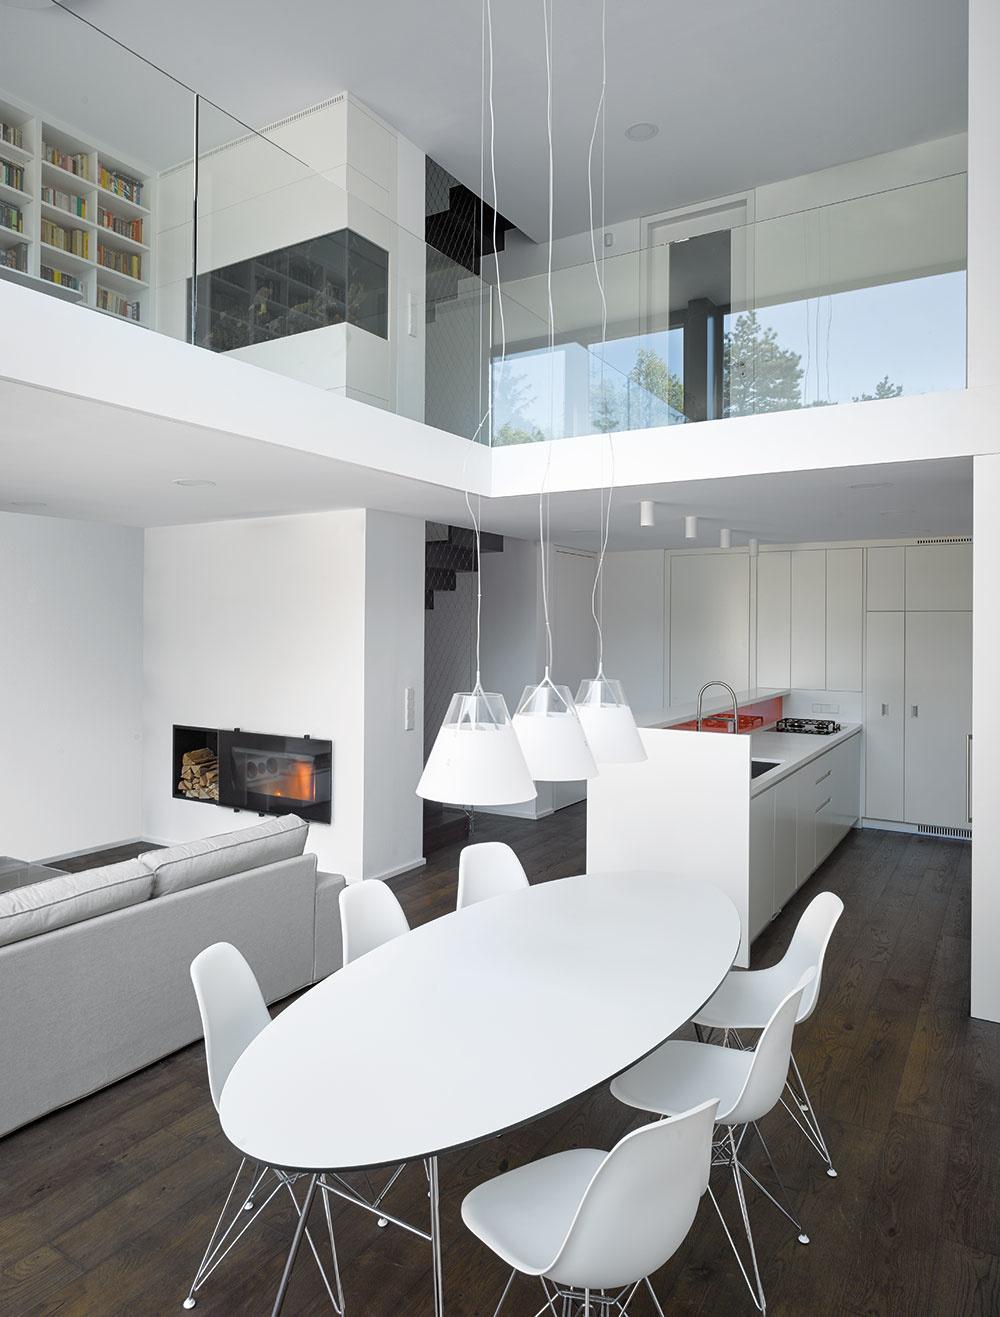 Oválny biely stôl stojí vcentre denného diania anarúša pravouhlé stereotypy opakujúce sa vinteriéri. Trojica visiacich lámp si cestu preráža cez dve poschodia, čím ešte väčšmi zdôrazňuje otvorený vertikálny priestor.